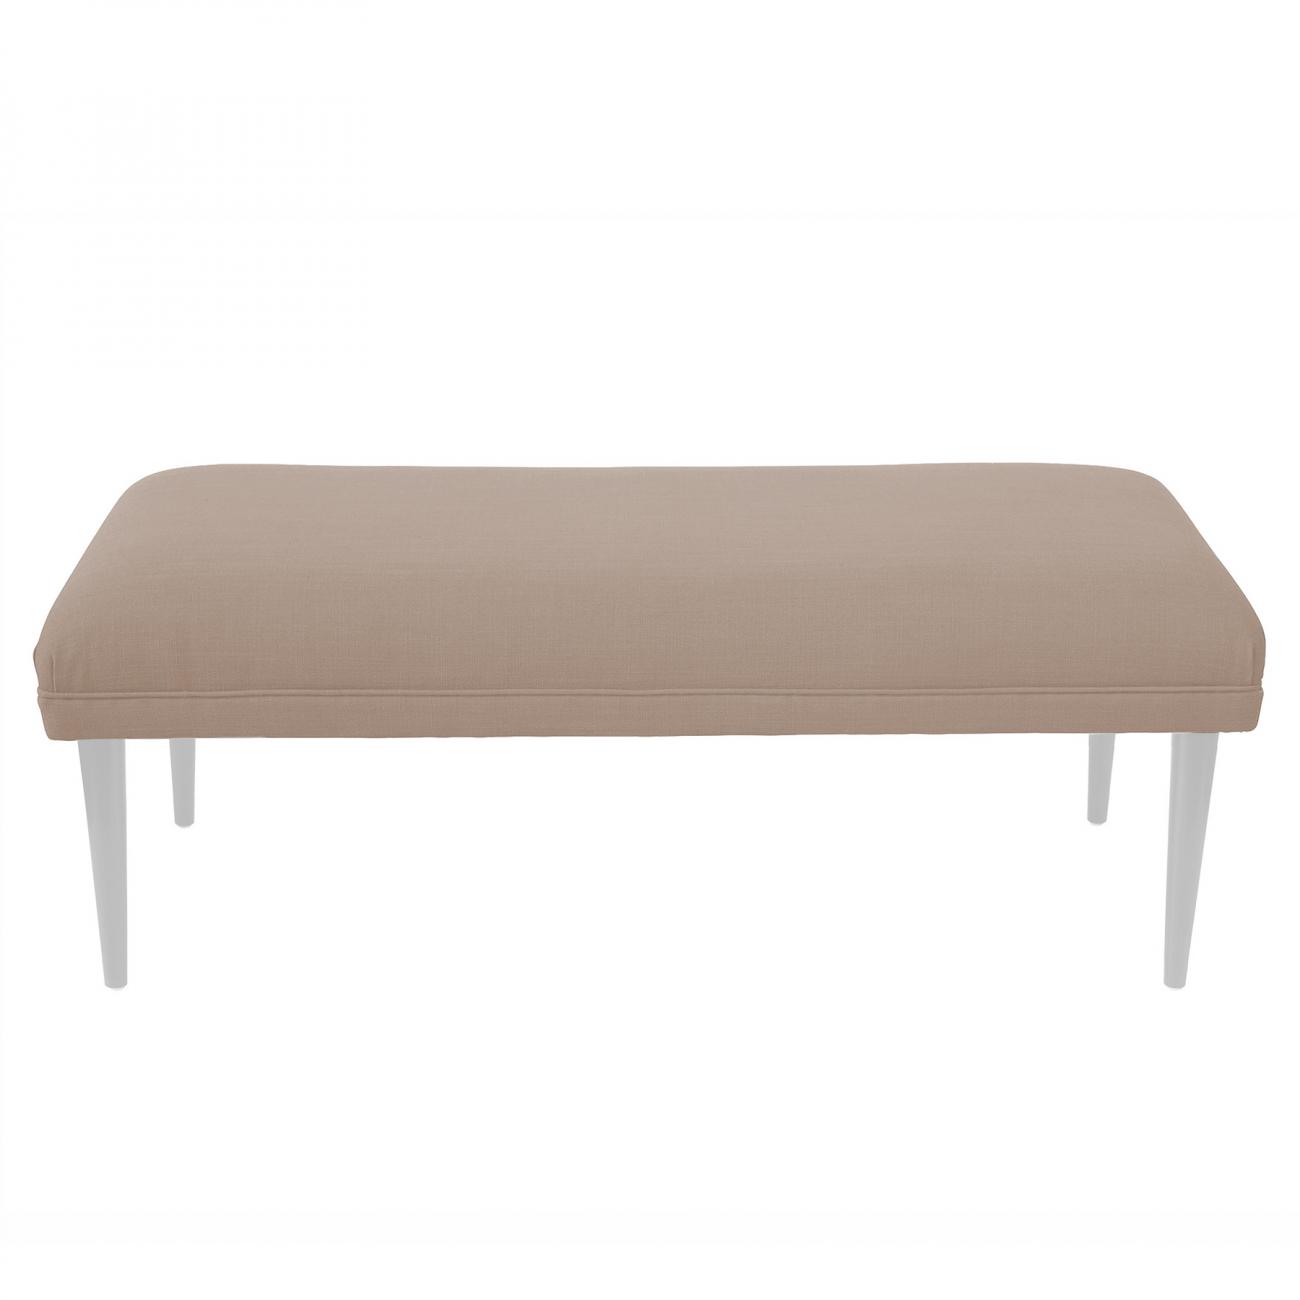 Купить Банкетка Epoch white Бежевый Велюр в интернет магазине дизайнерской мебели и аксессуаров для дома и дачи